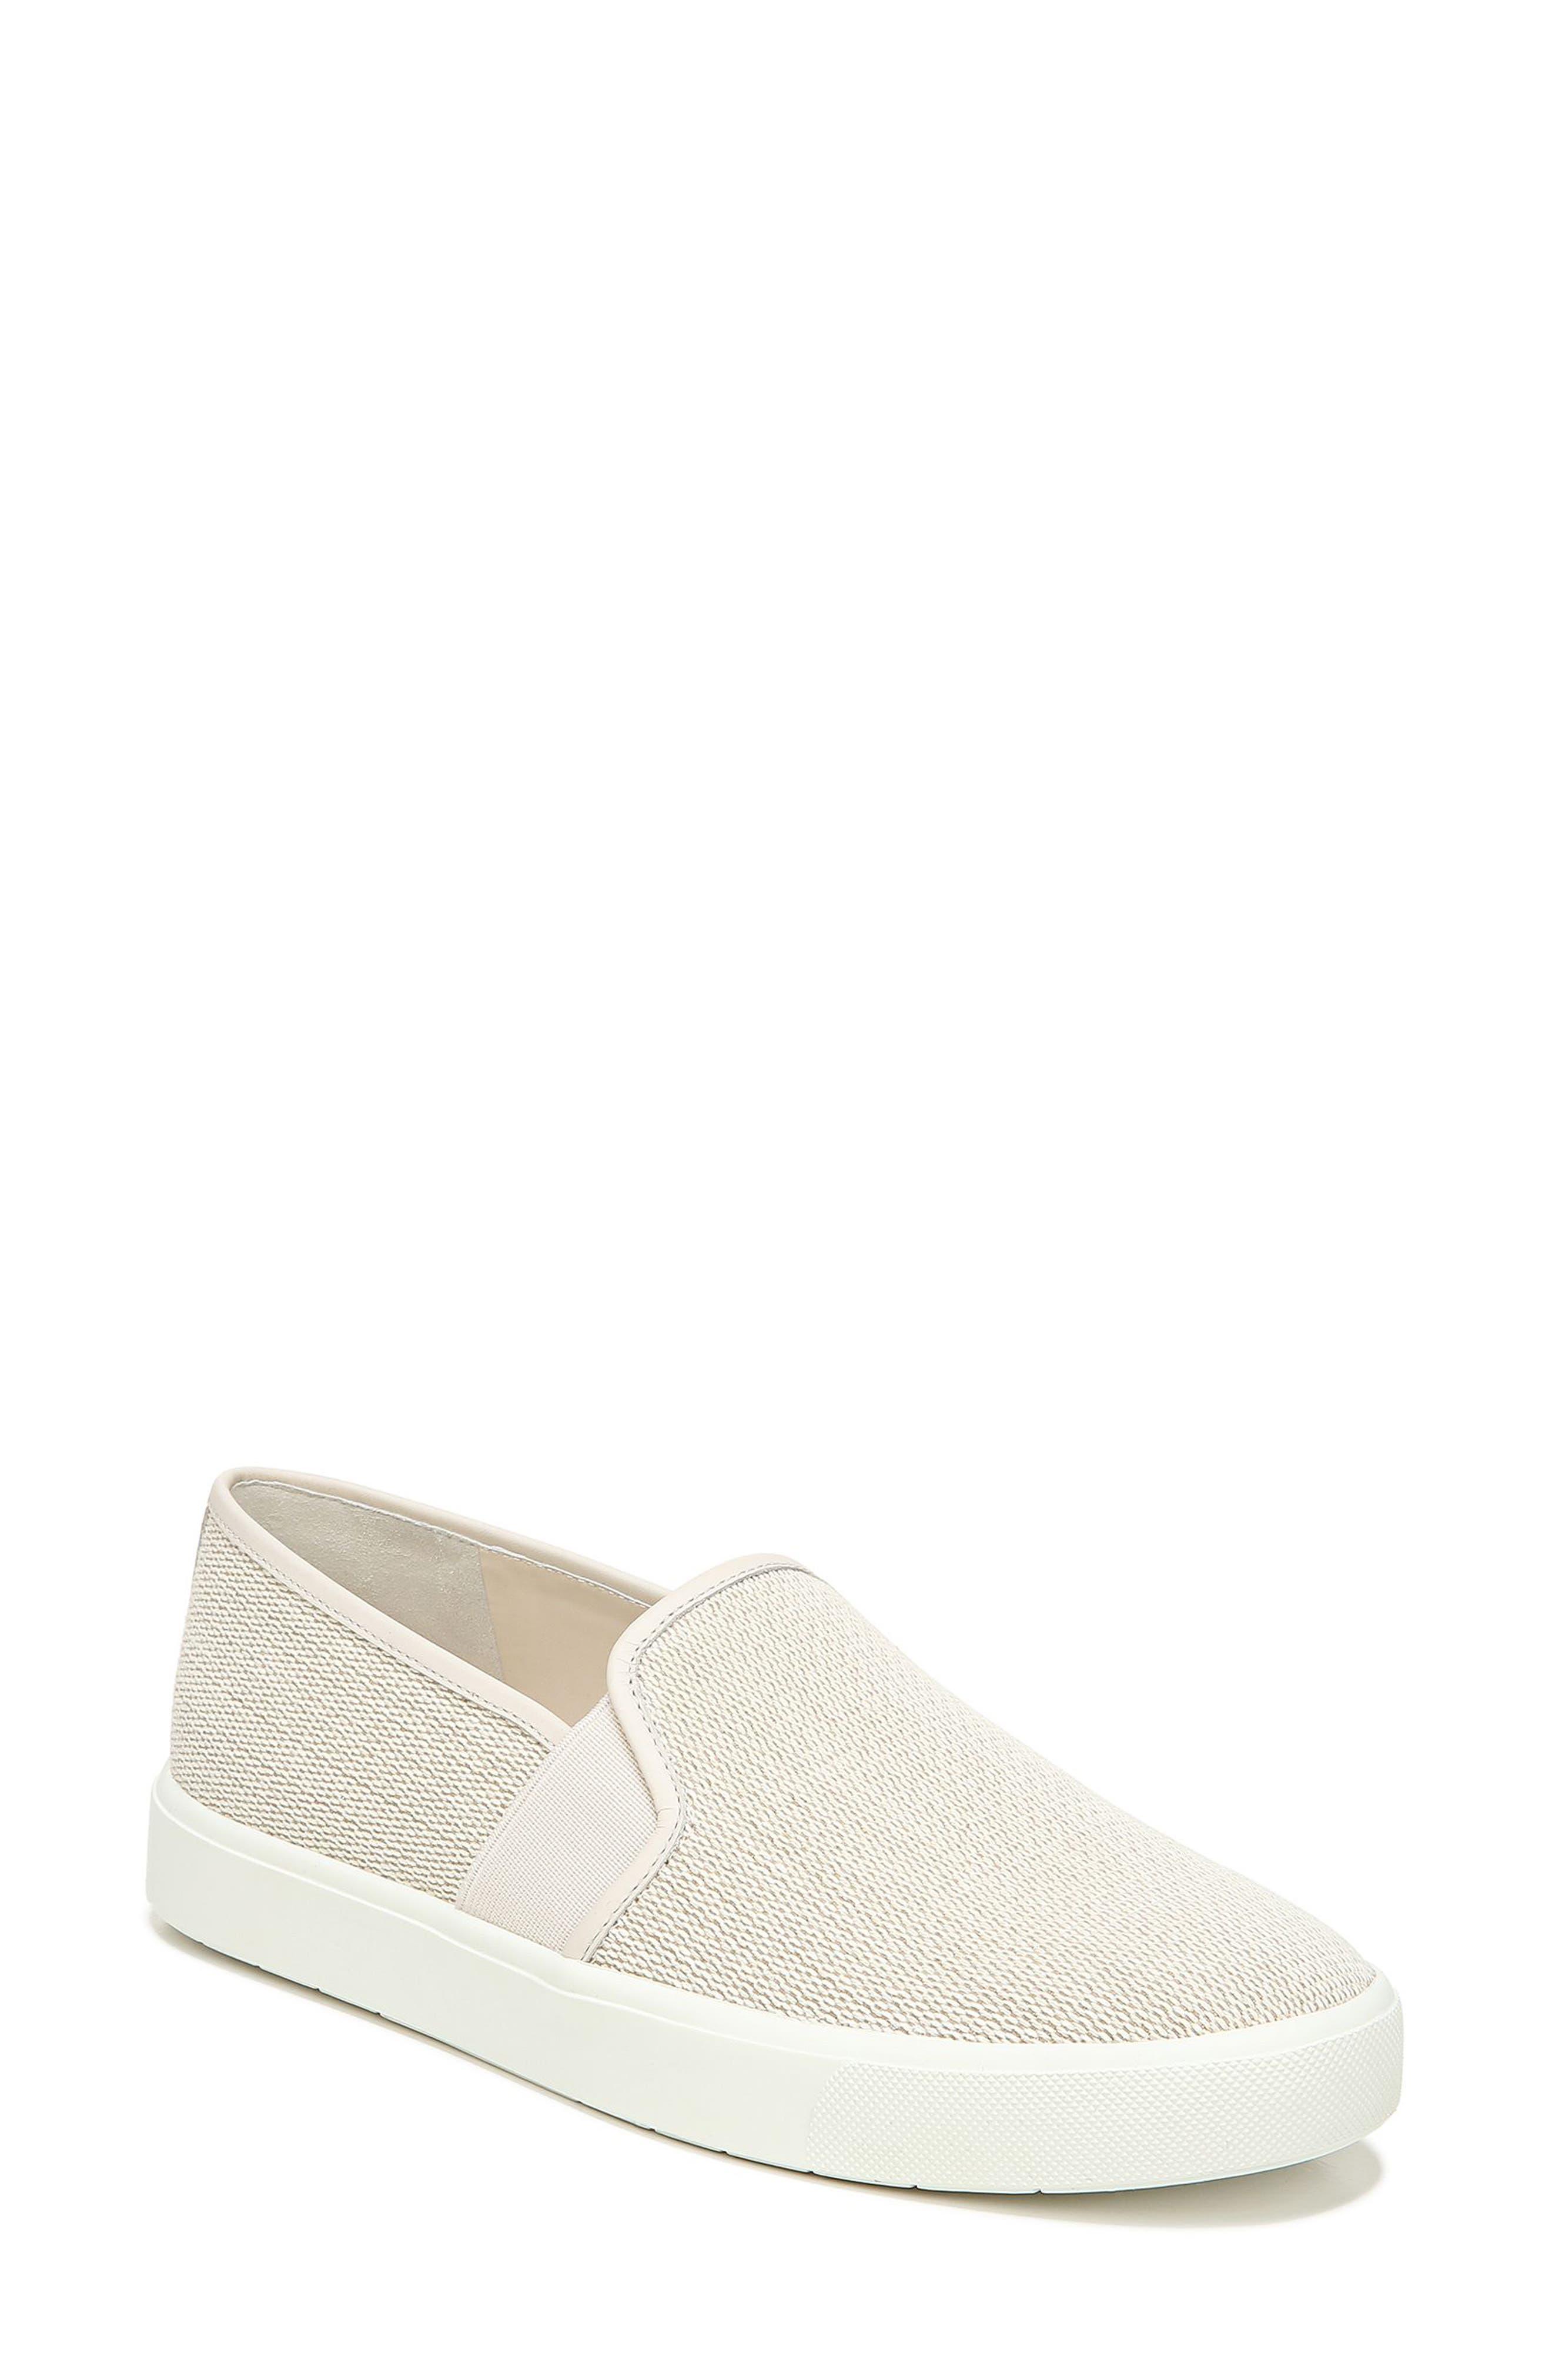 Vince | Blair 5 Slip-On Sneaker